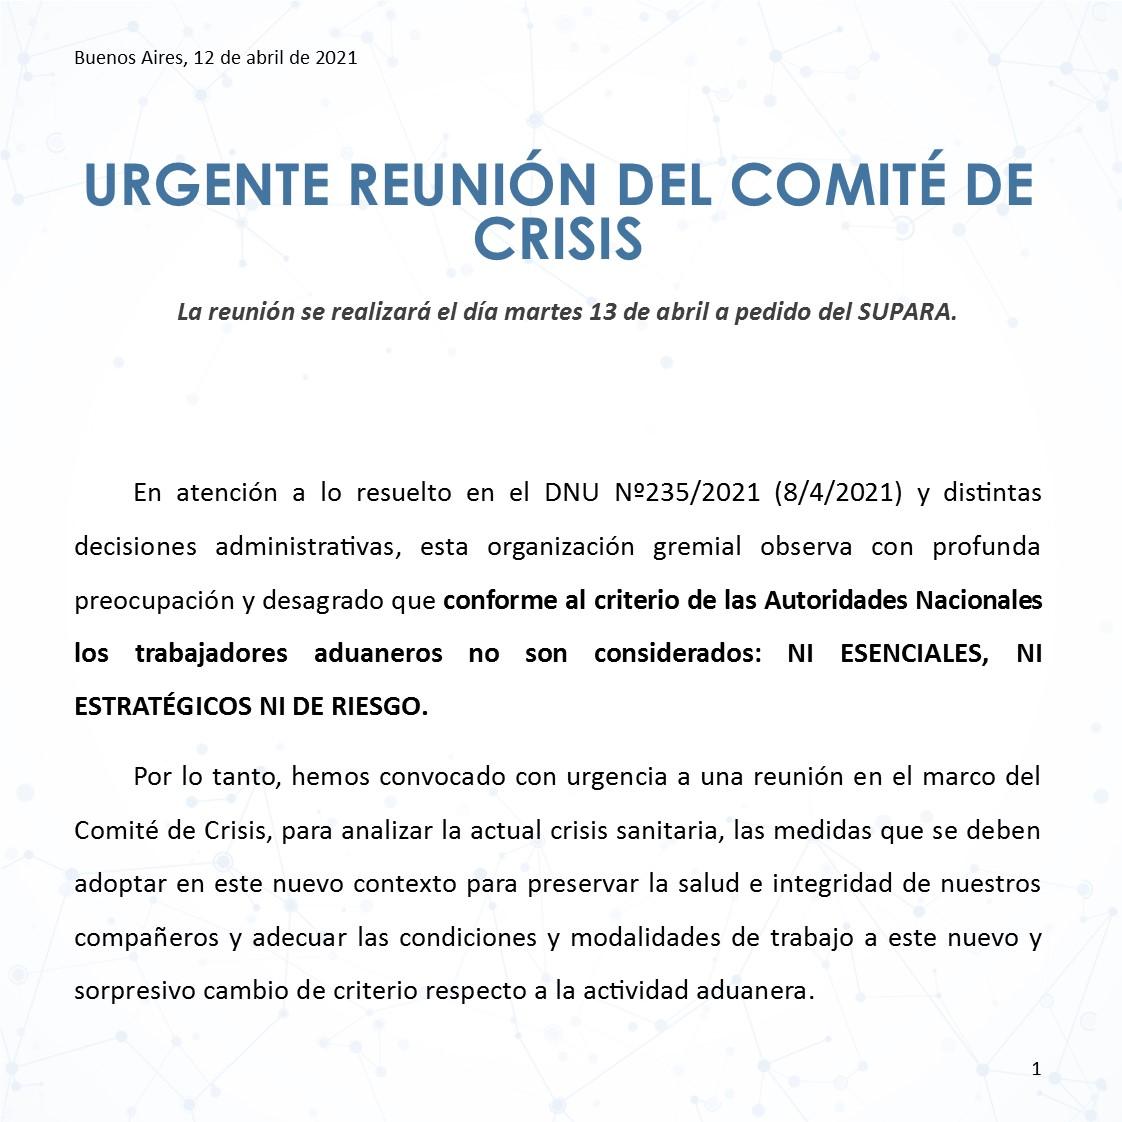 2021 04 12 URGENTE REUNIÓN DEL COMITE DE CRISIS 1